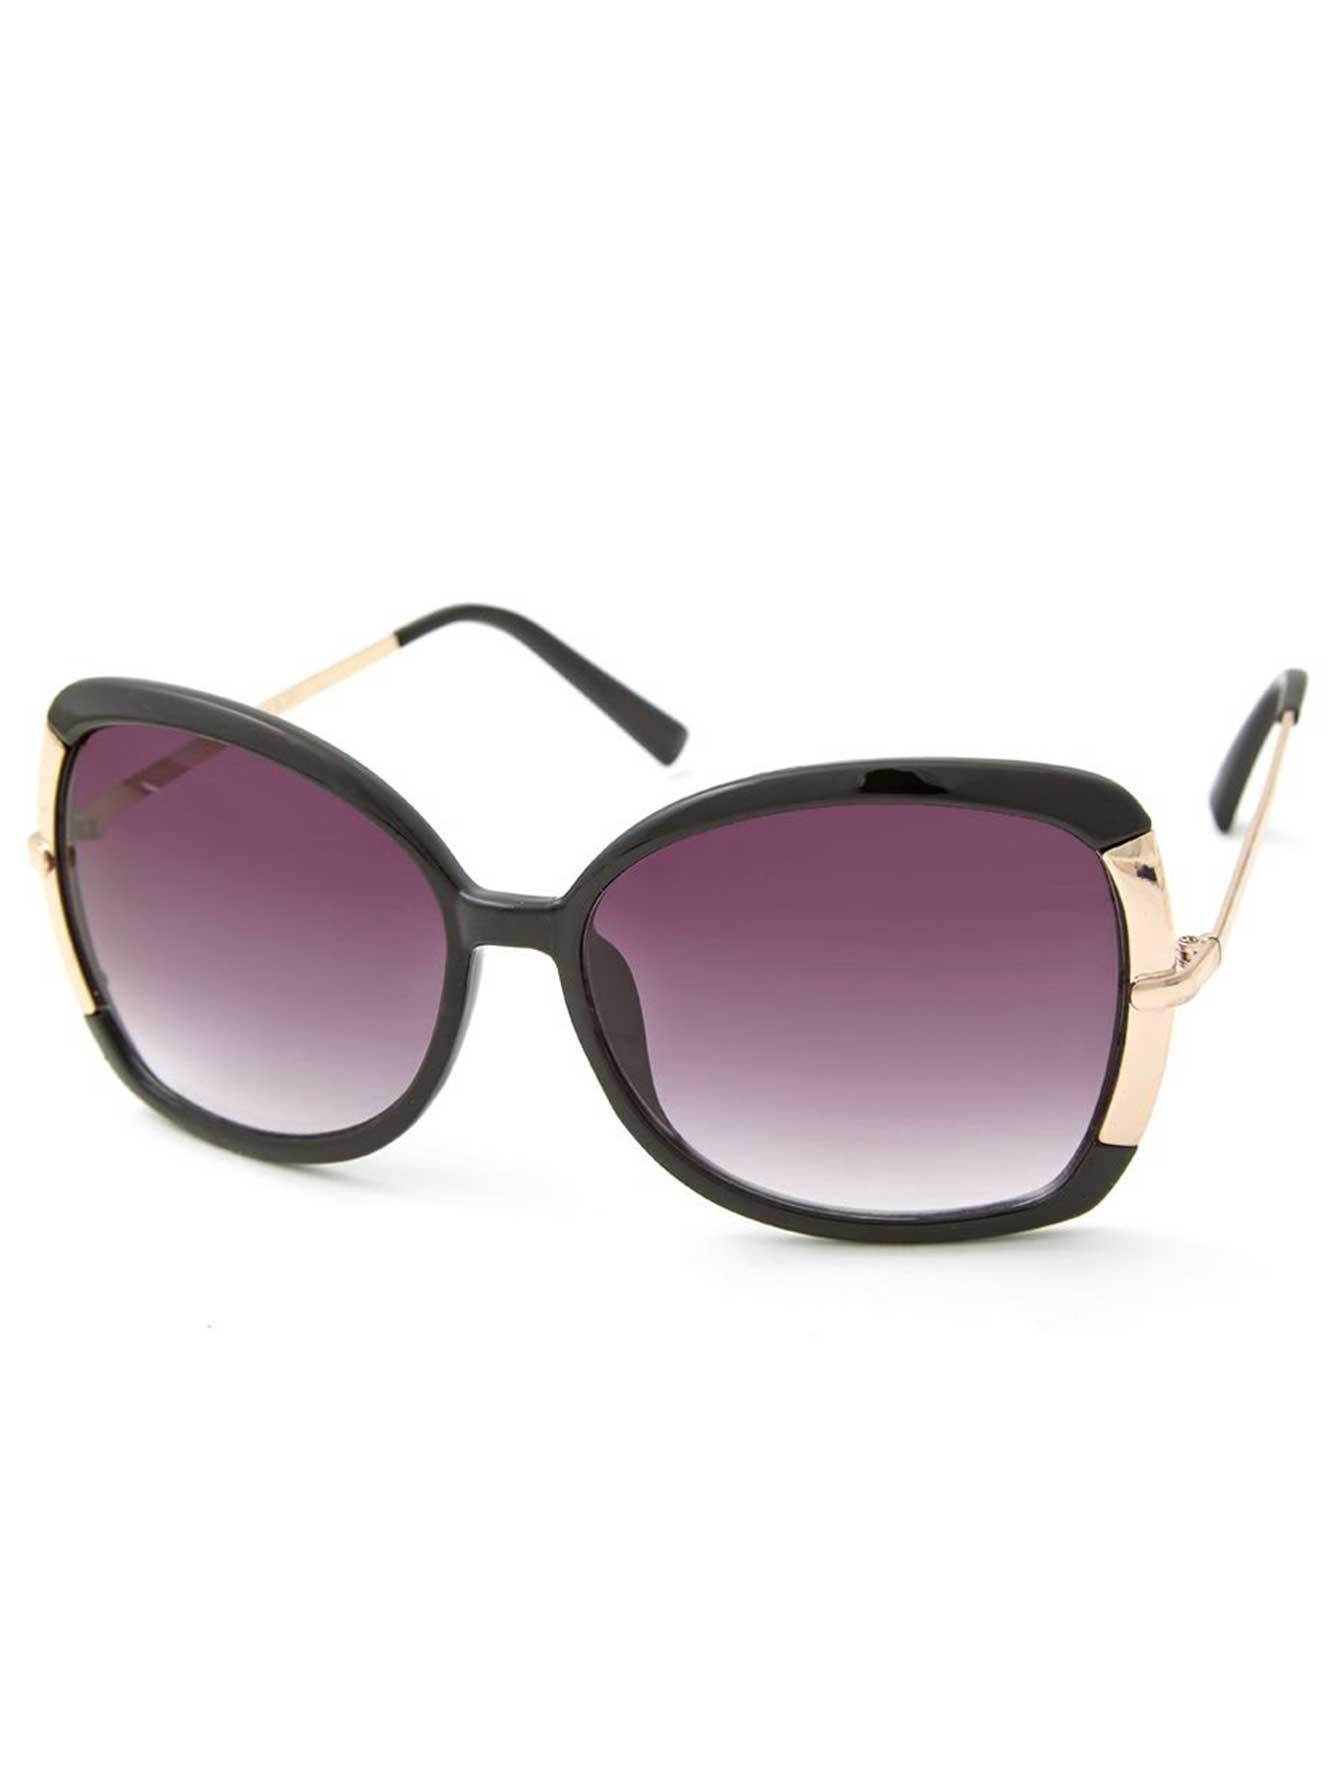 7ba406e79de Oversize Retro Sunglasses